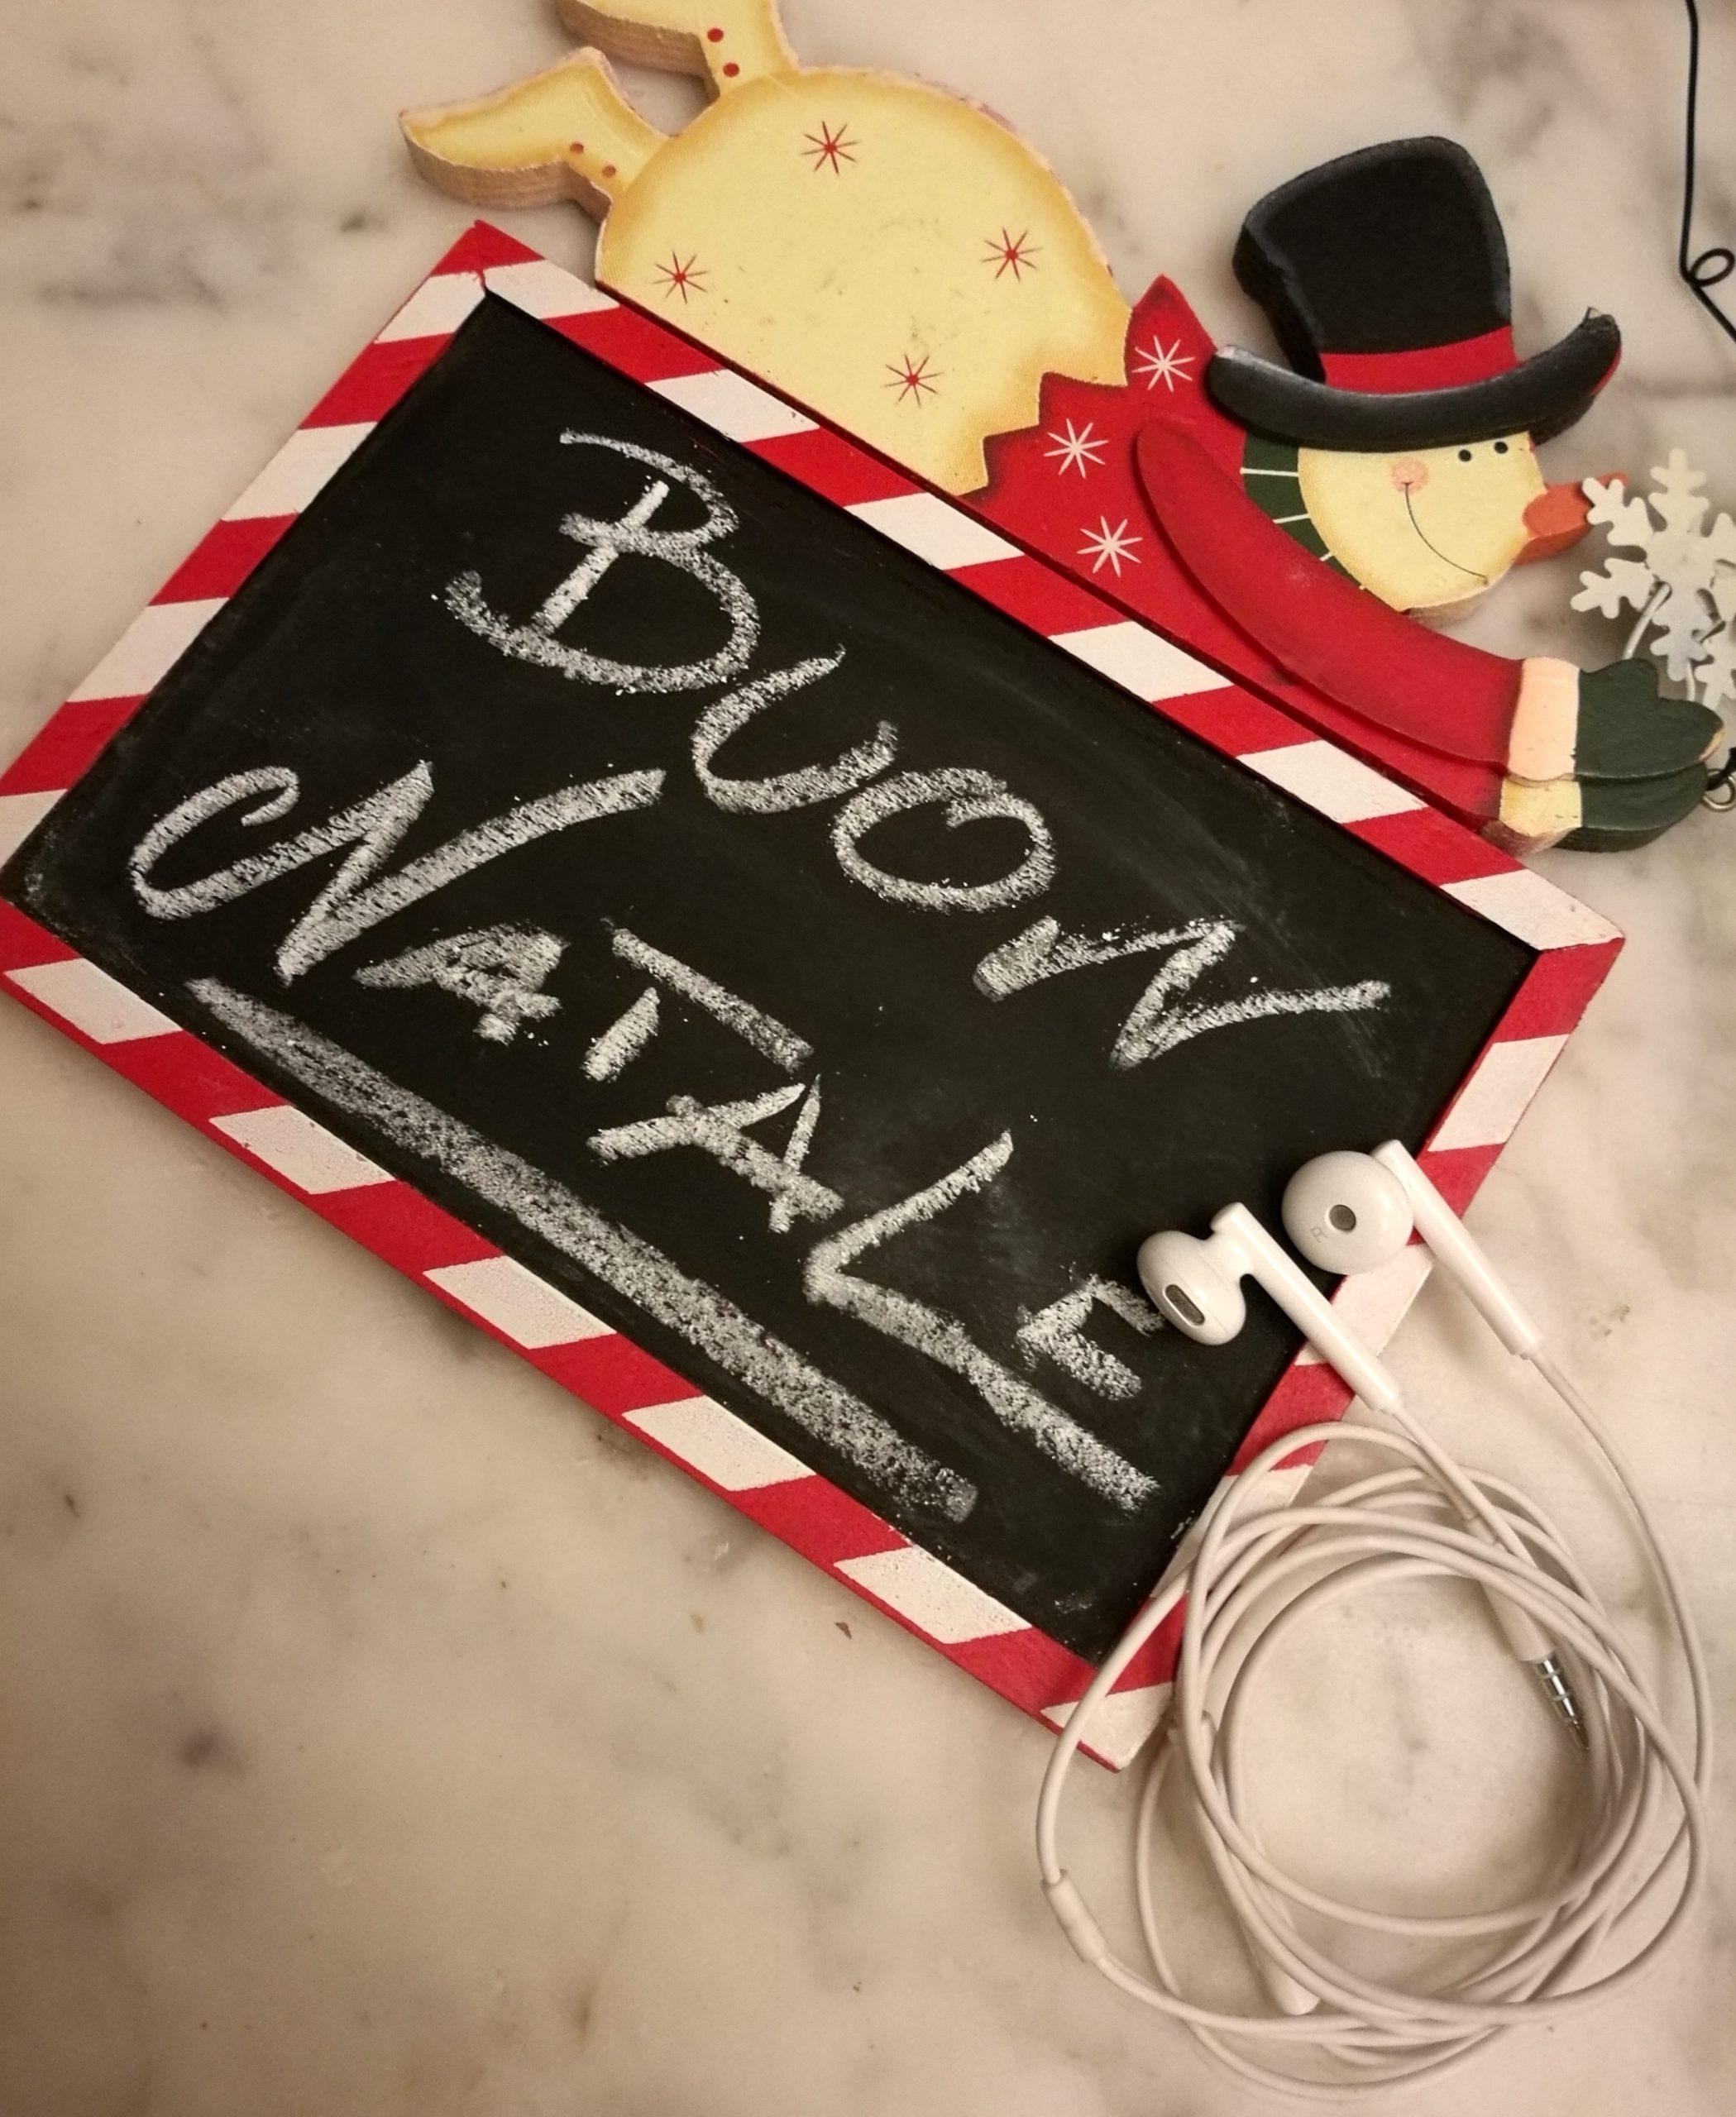 Aria di Natale: non solo libri con Spotify